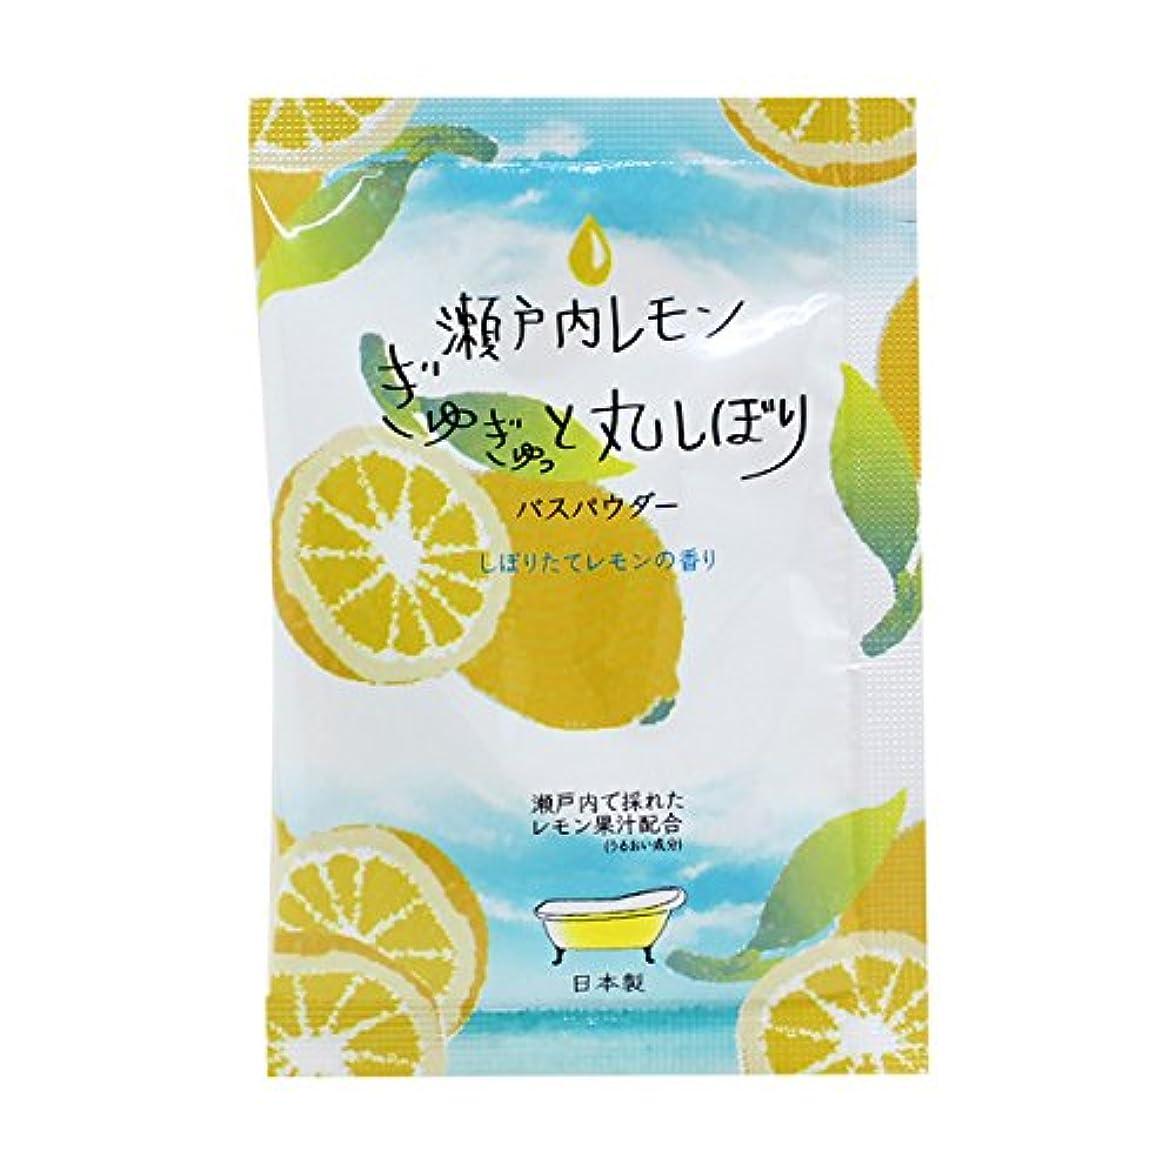 中庭ミキサー乱闘ハーバルエクストラ リッチバスパウダー 「瀬戸内レモンの香り」30個